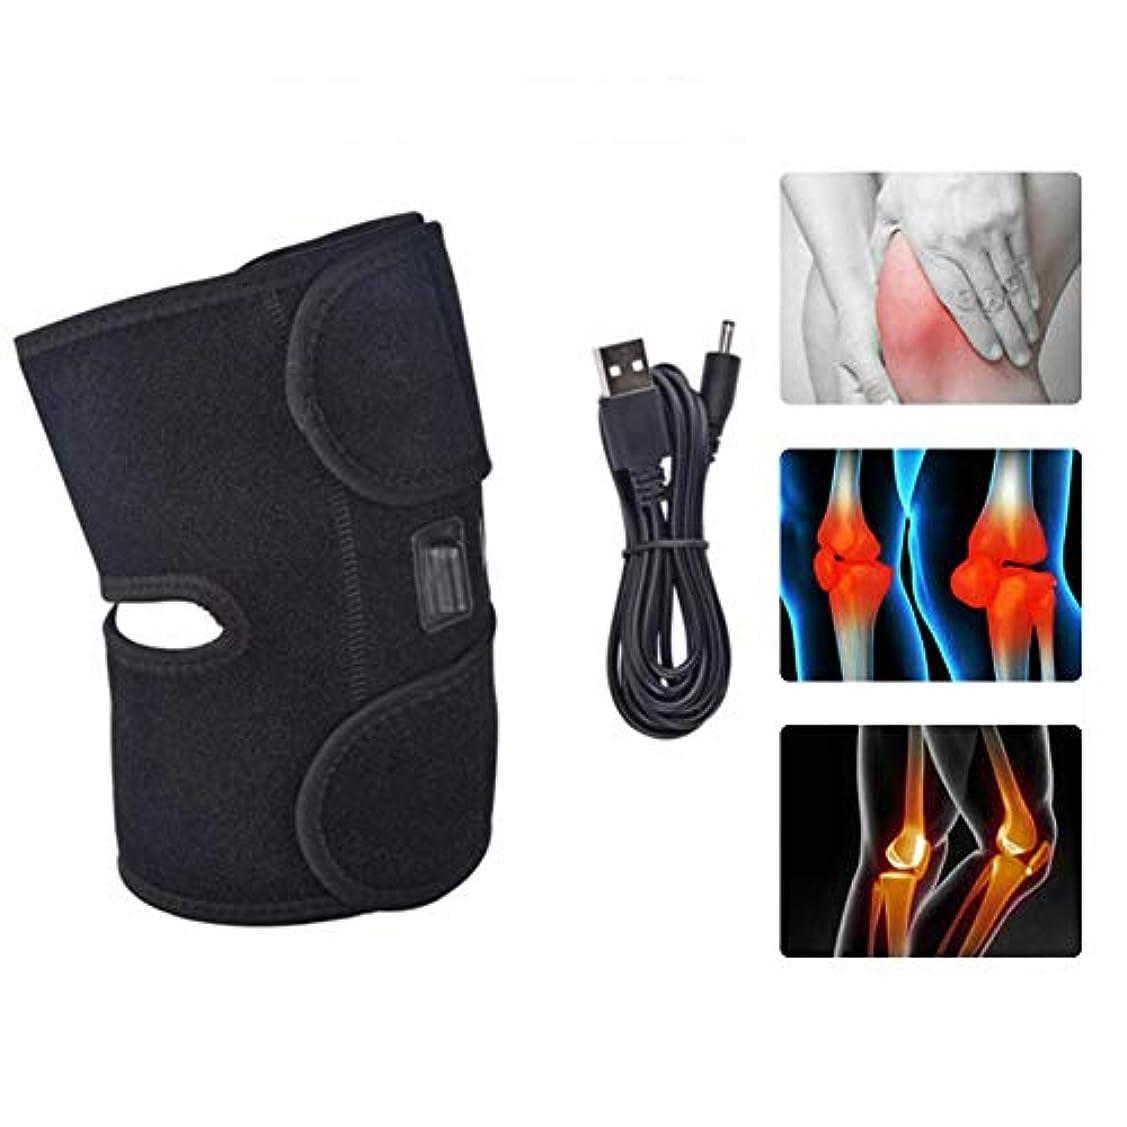 切るロードハウススムーズに電気加熱膝ブレースサポート - 膝温ラップラップパッド - 療法ホット圧縮3ファイル温度で膝の傷害,2pcs